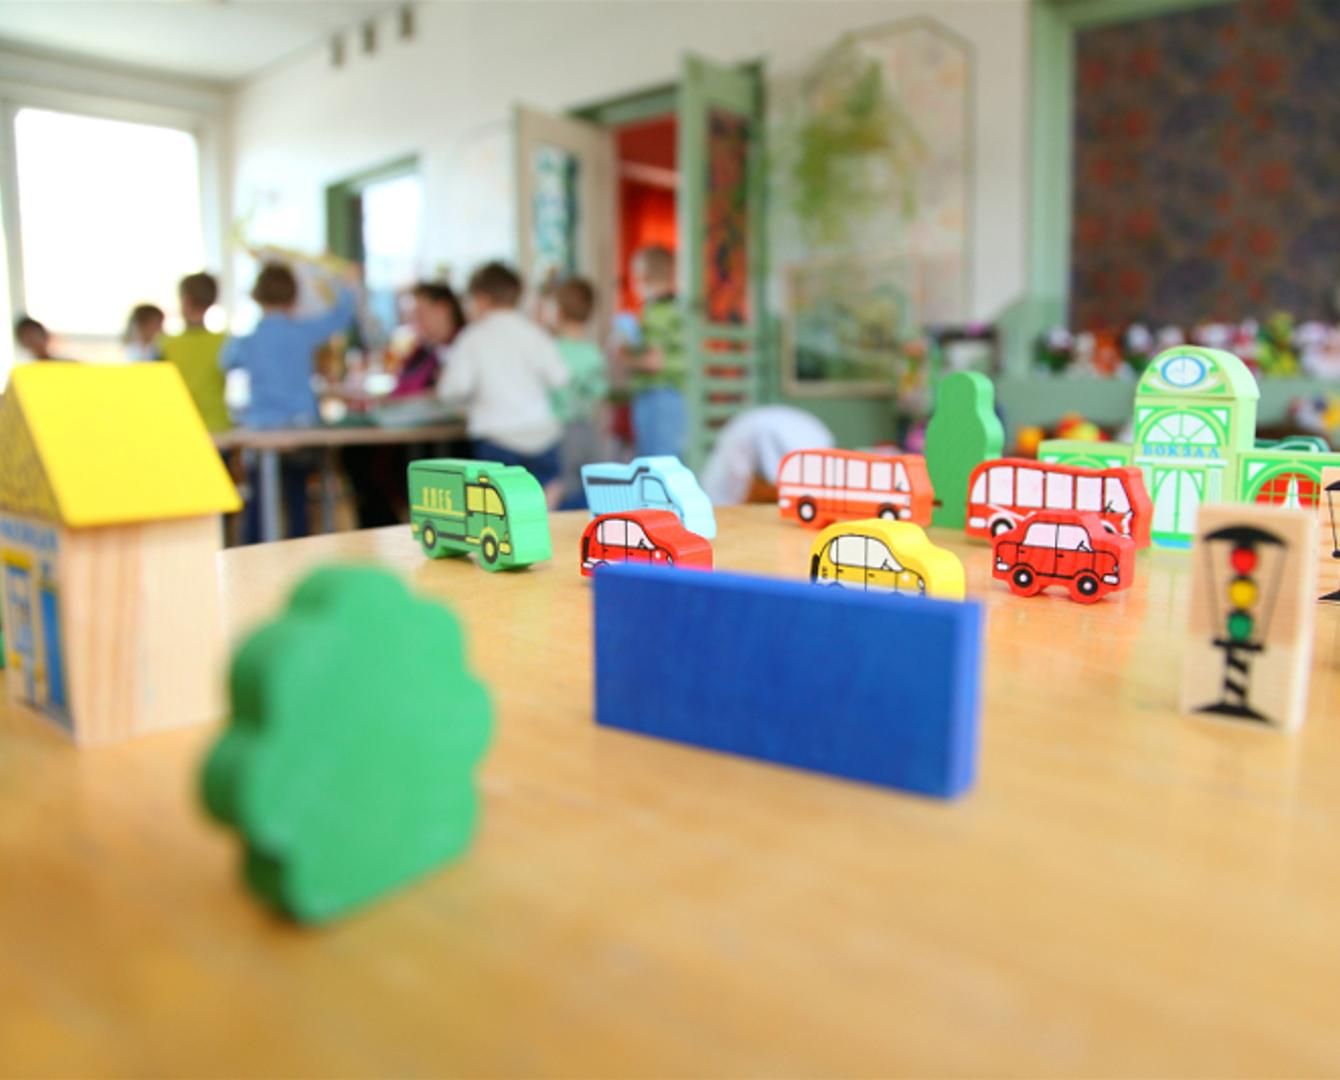 Только 57% детей посещают садики в Атырау